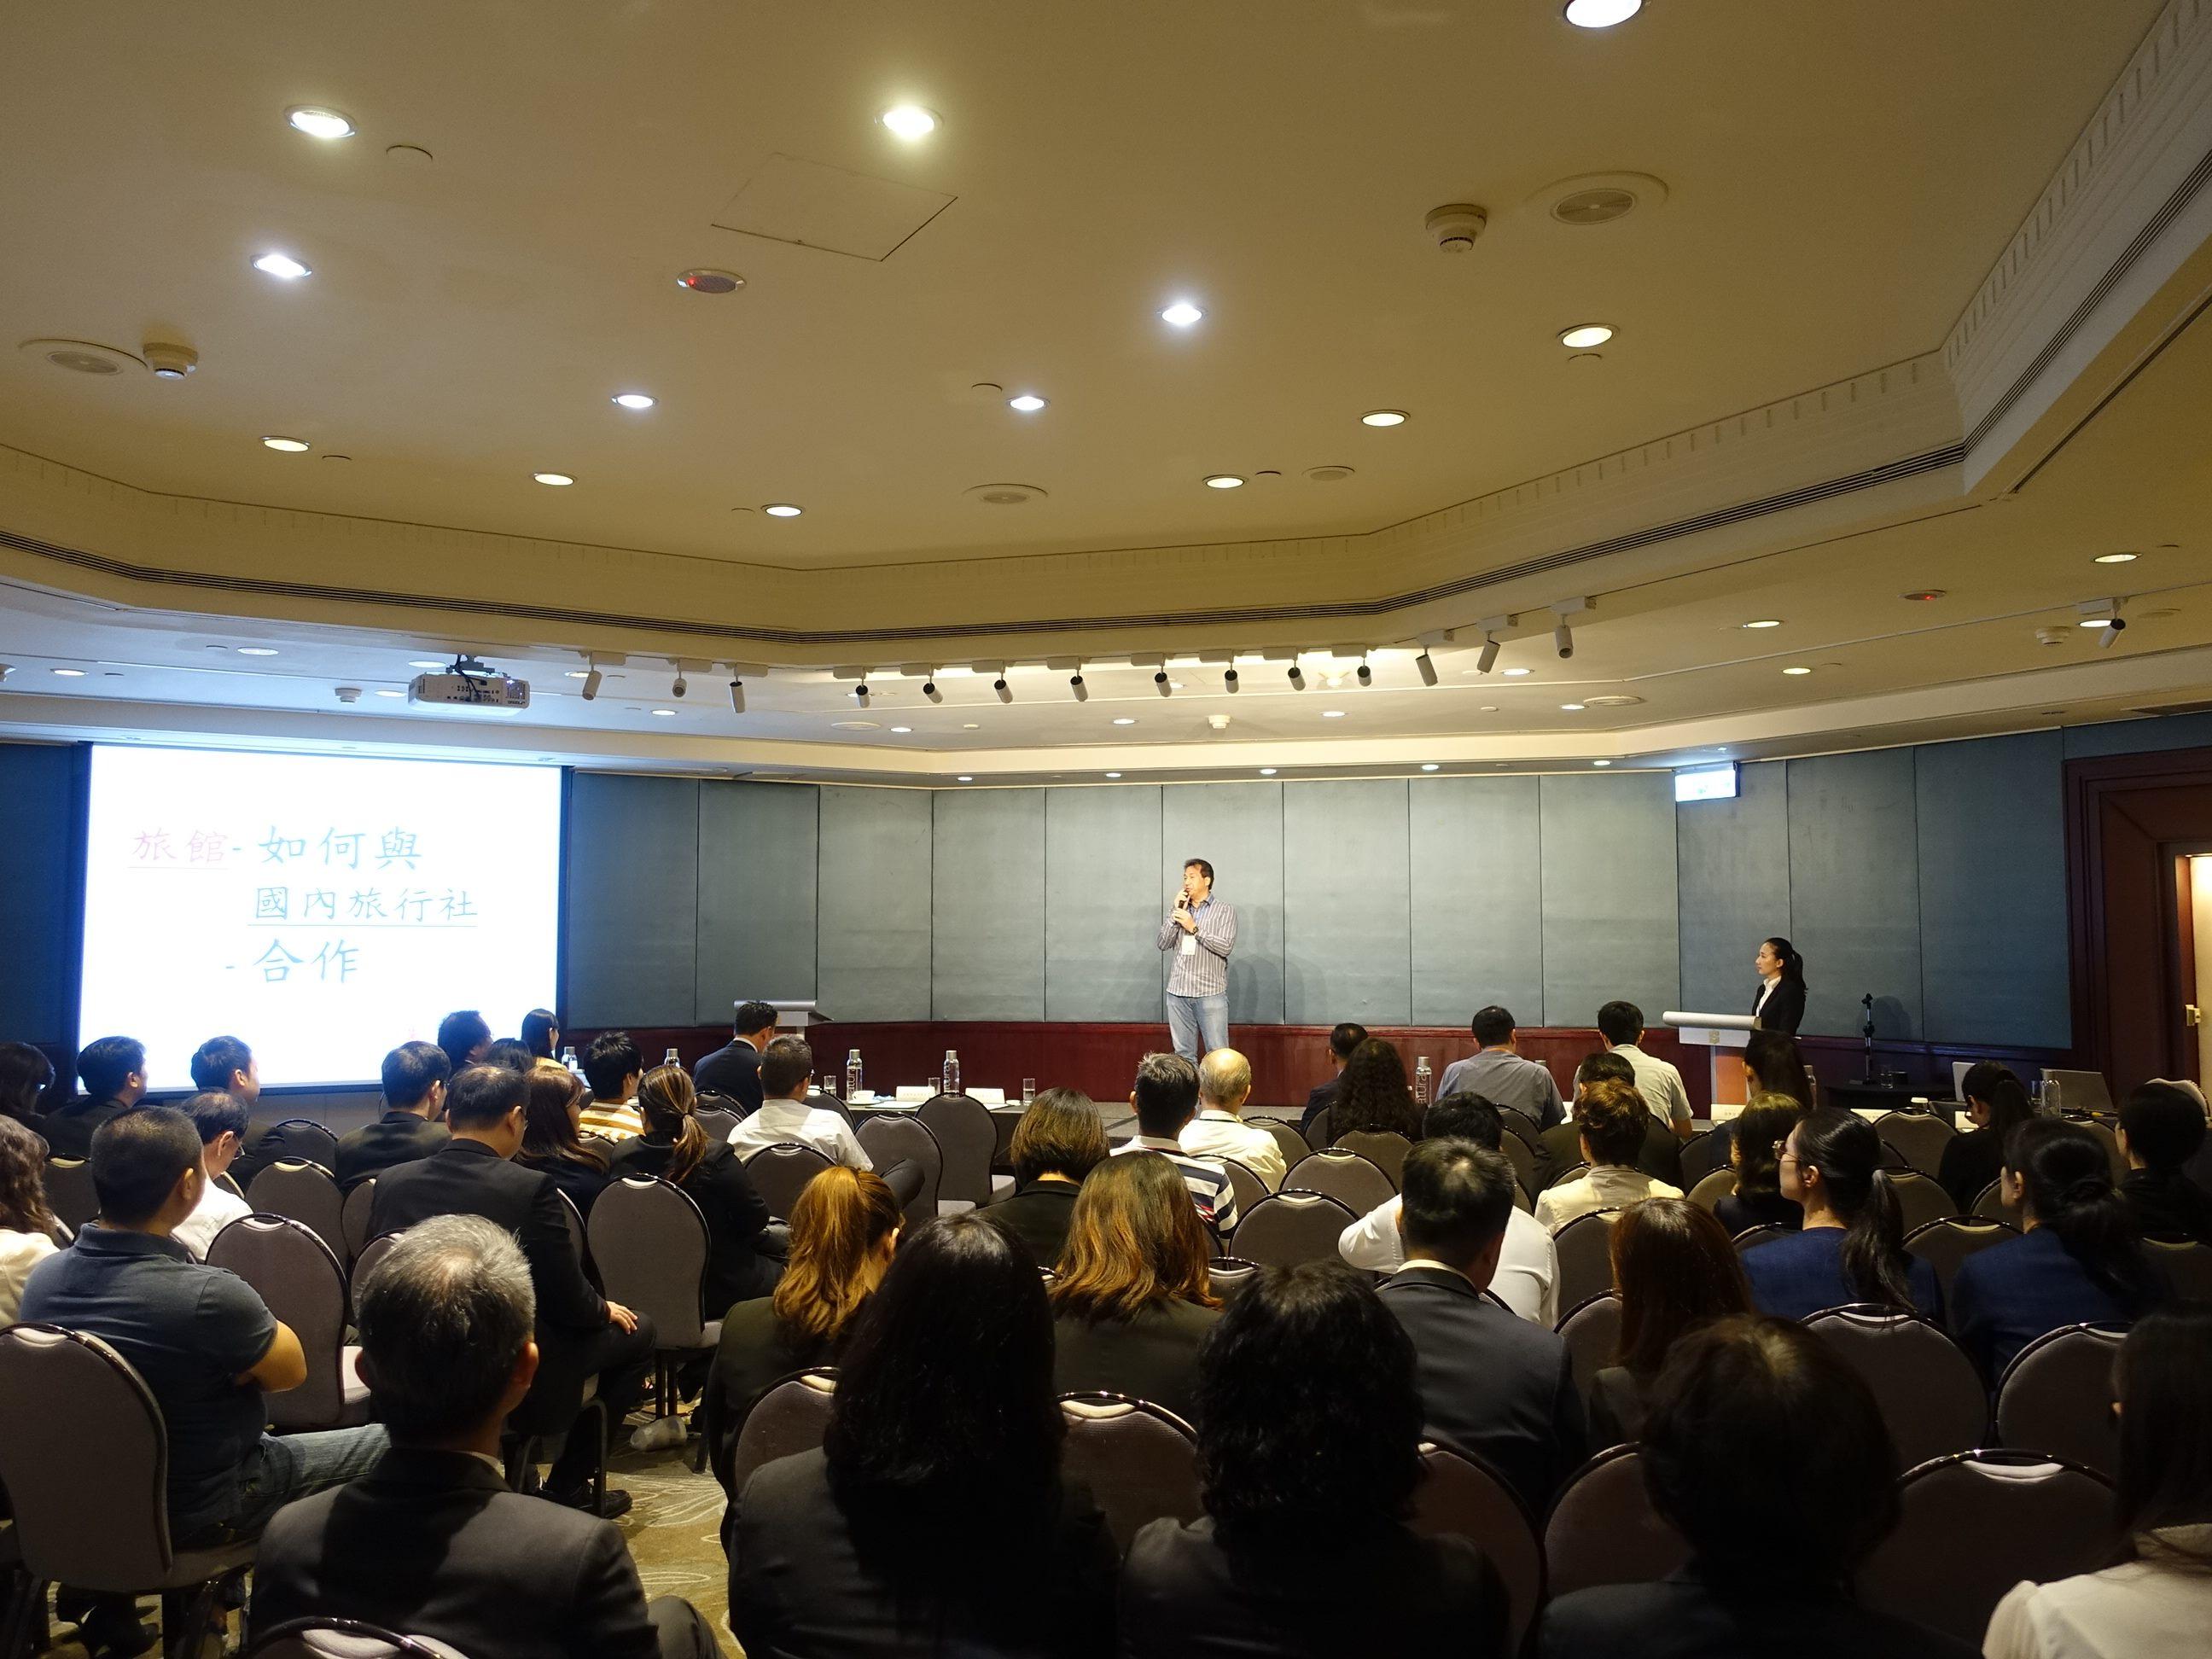 台灣旅行業國民旅遊發展協會理事長朱永達向業者說明「旅館如何與國內旅行社合作」